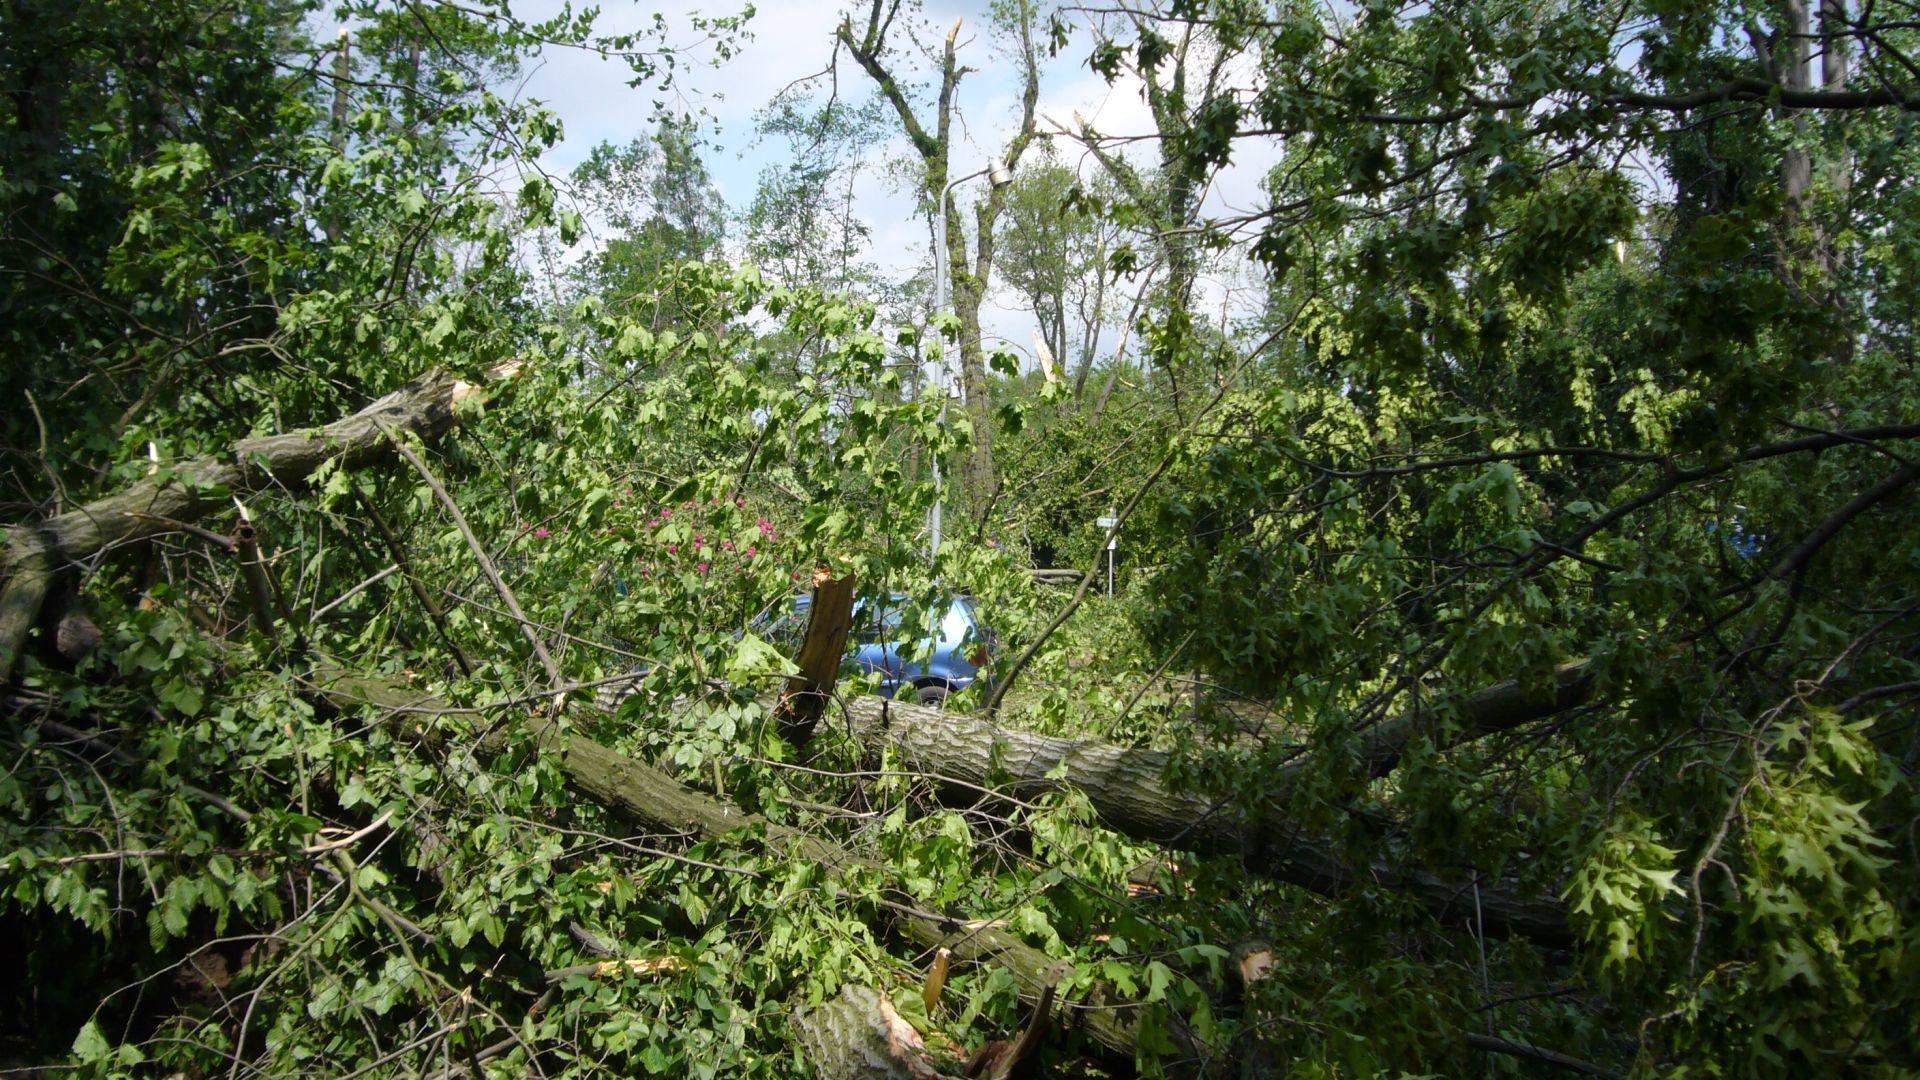 http://www.abload.de/img/tornadogrossenhain0136a7m.jpg